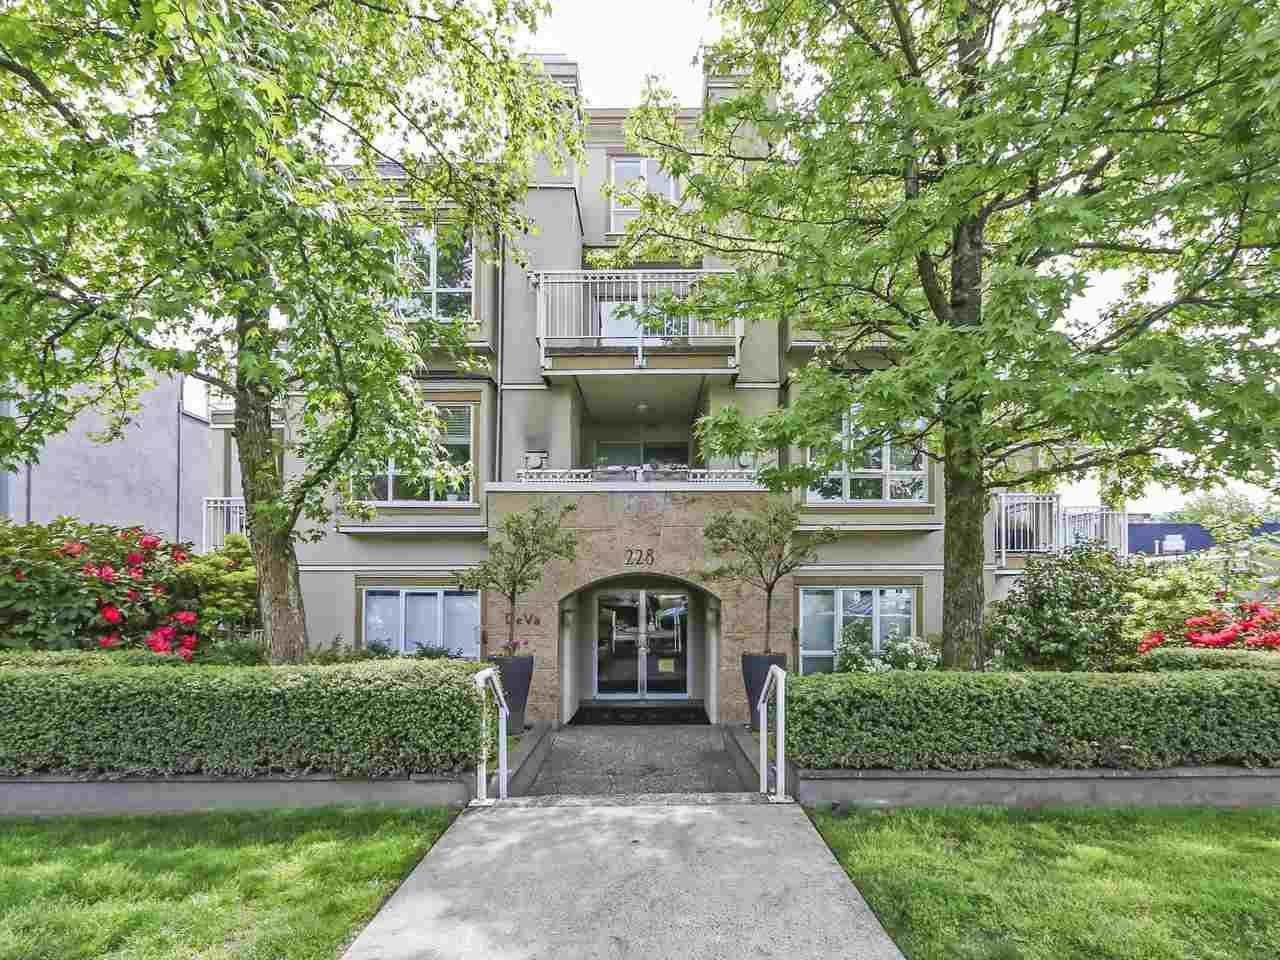 """Main Photo: 301 228 E 14TH Avenue in Vancouver: Mount Pleasant VE Condo for sale in """"DeVa"""" (Vancouver East)  : MLS®# R2371340"""